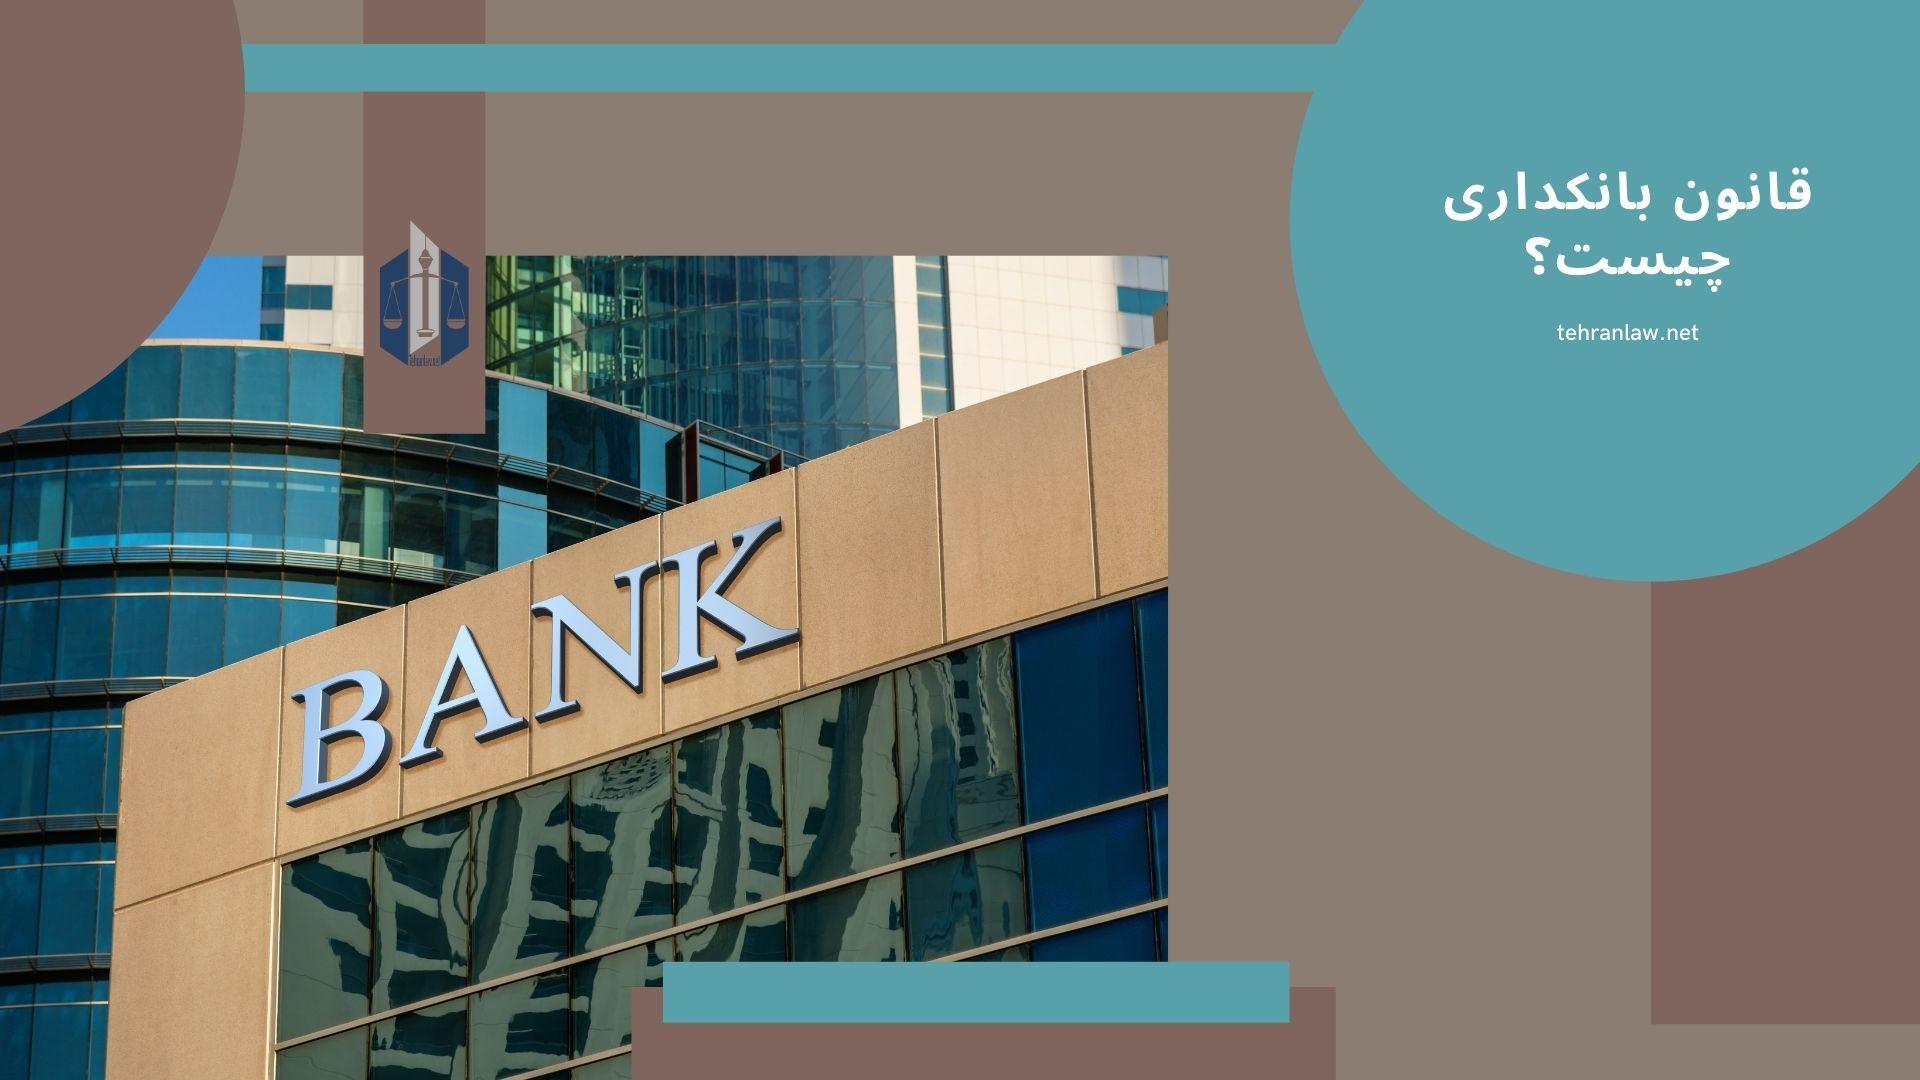 قانون بانکداری چیست؟